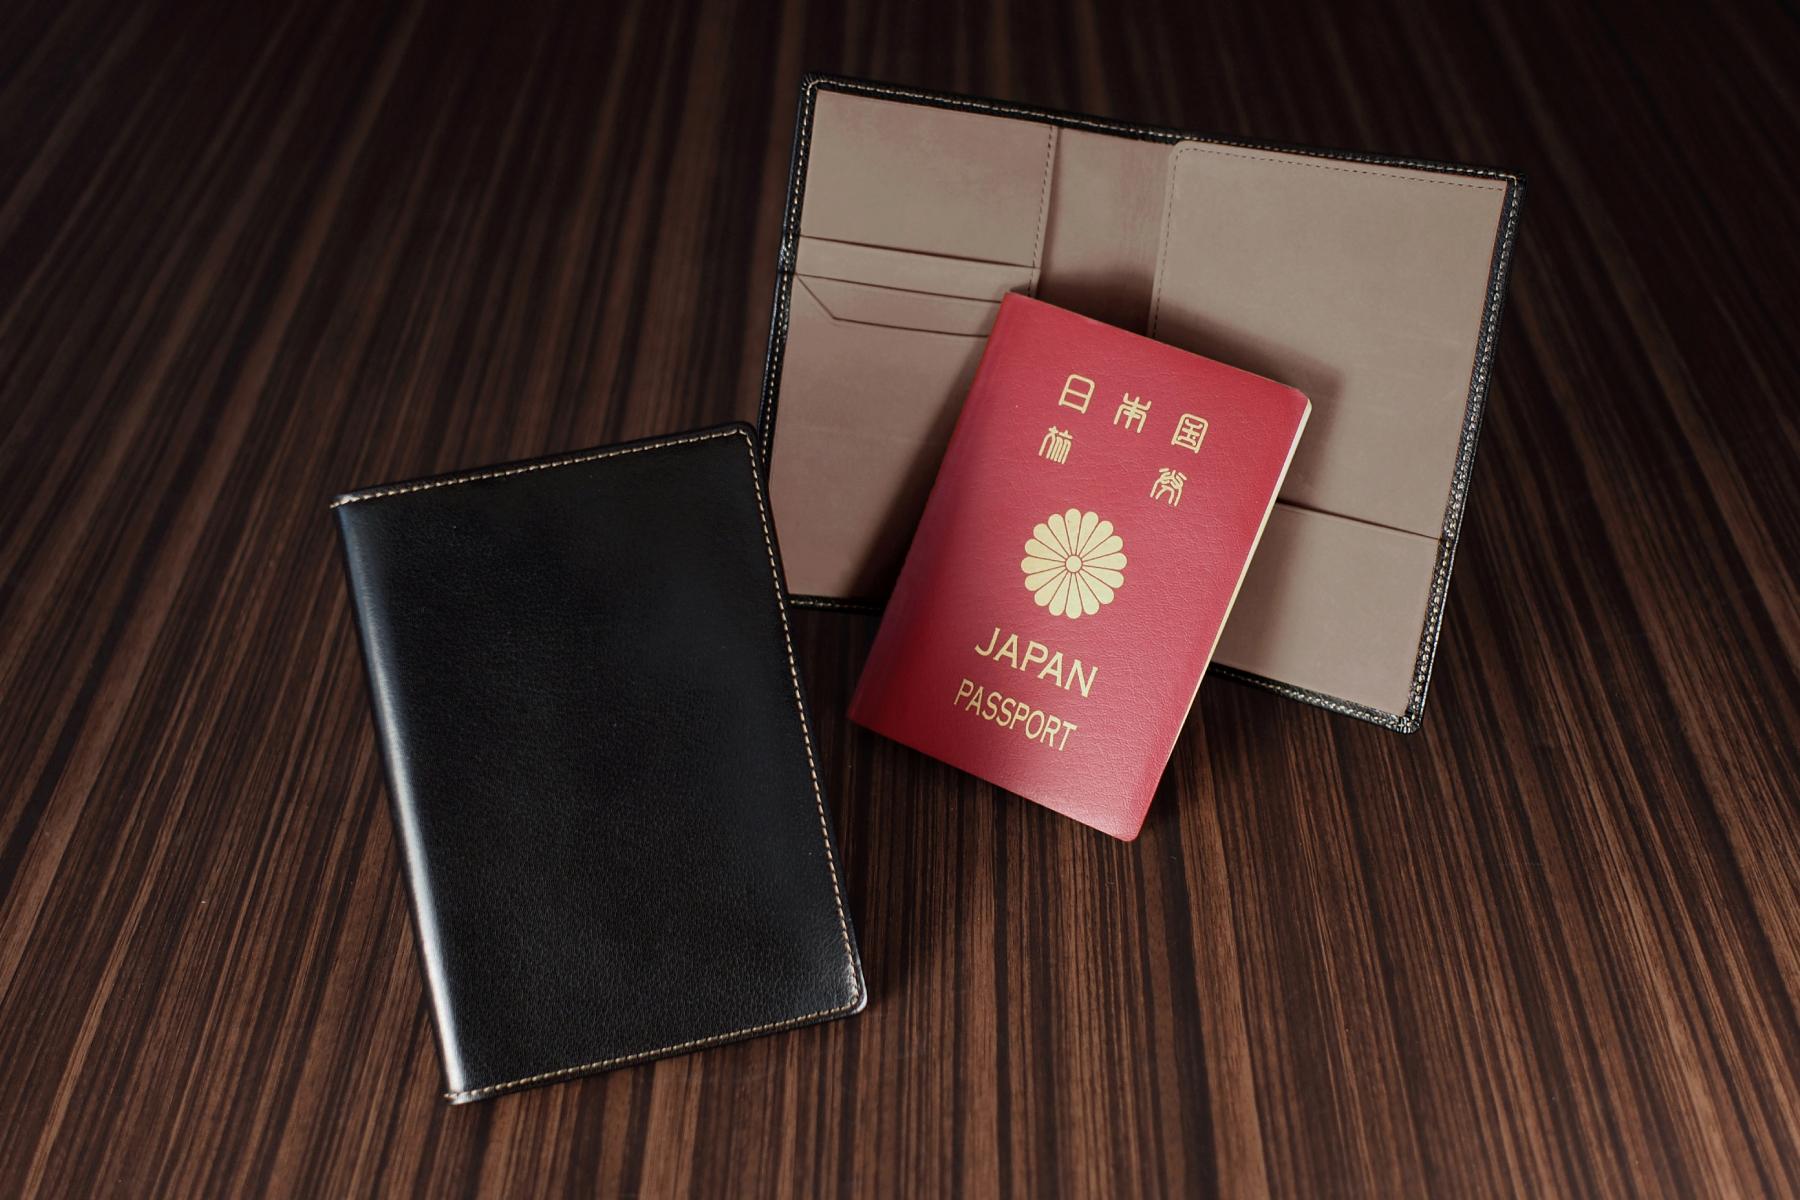 記念品として名入れした本革製パスポートケース・ツートン仕様